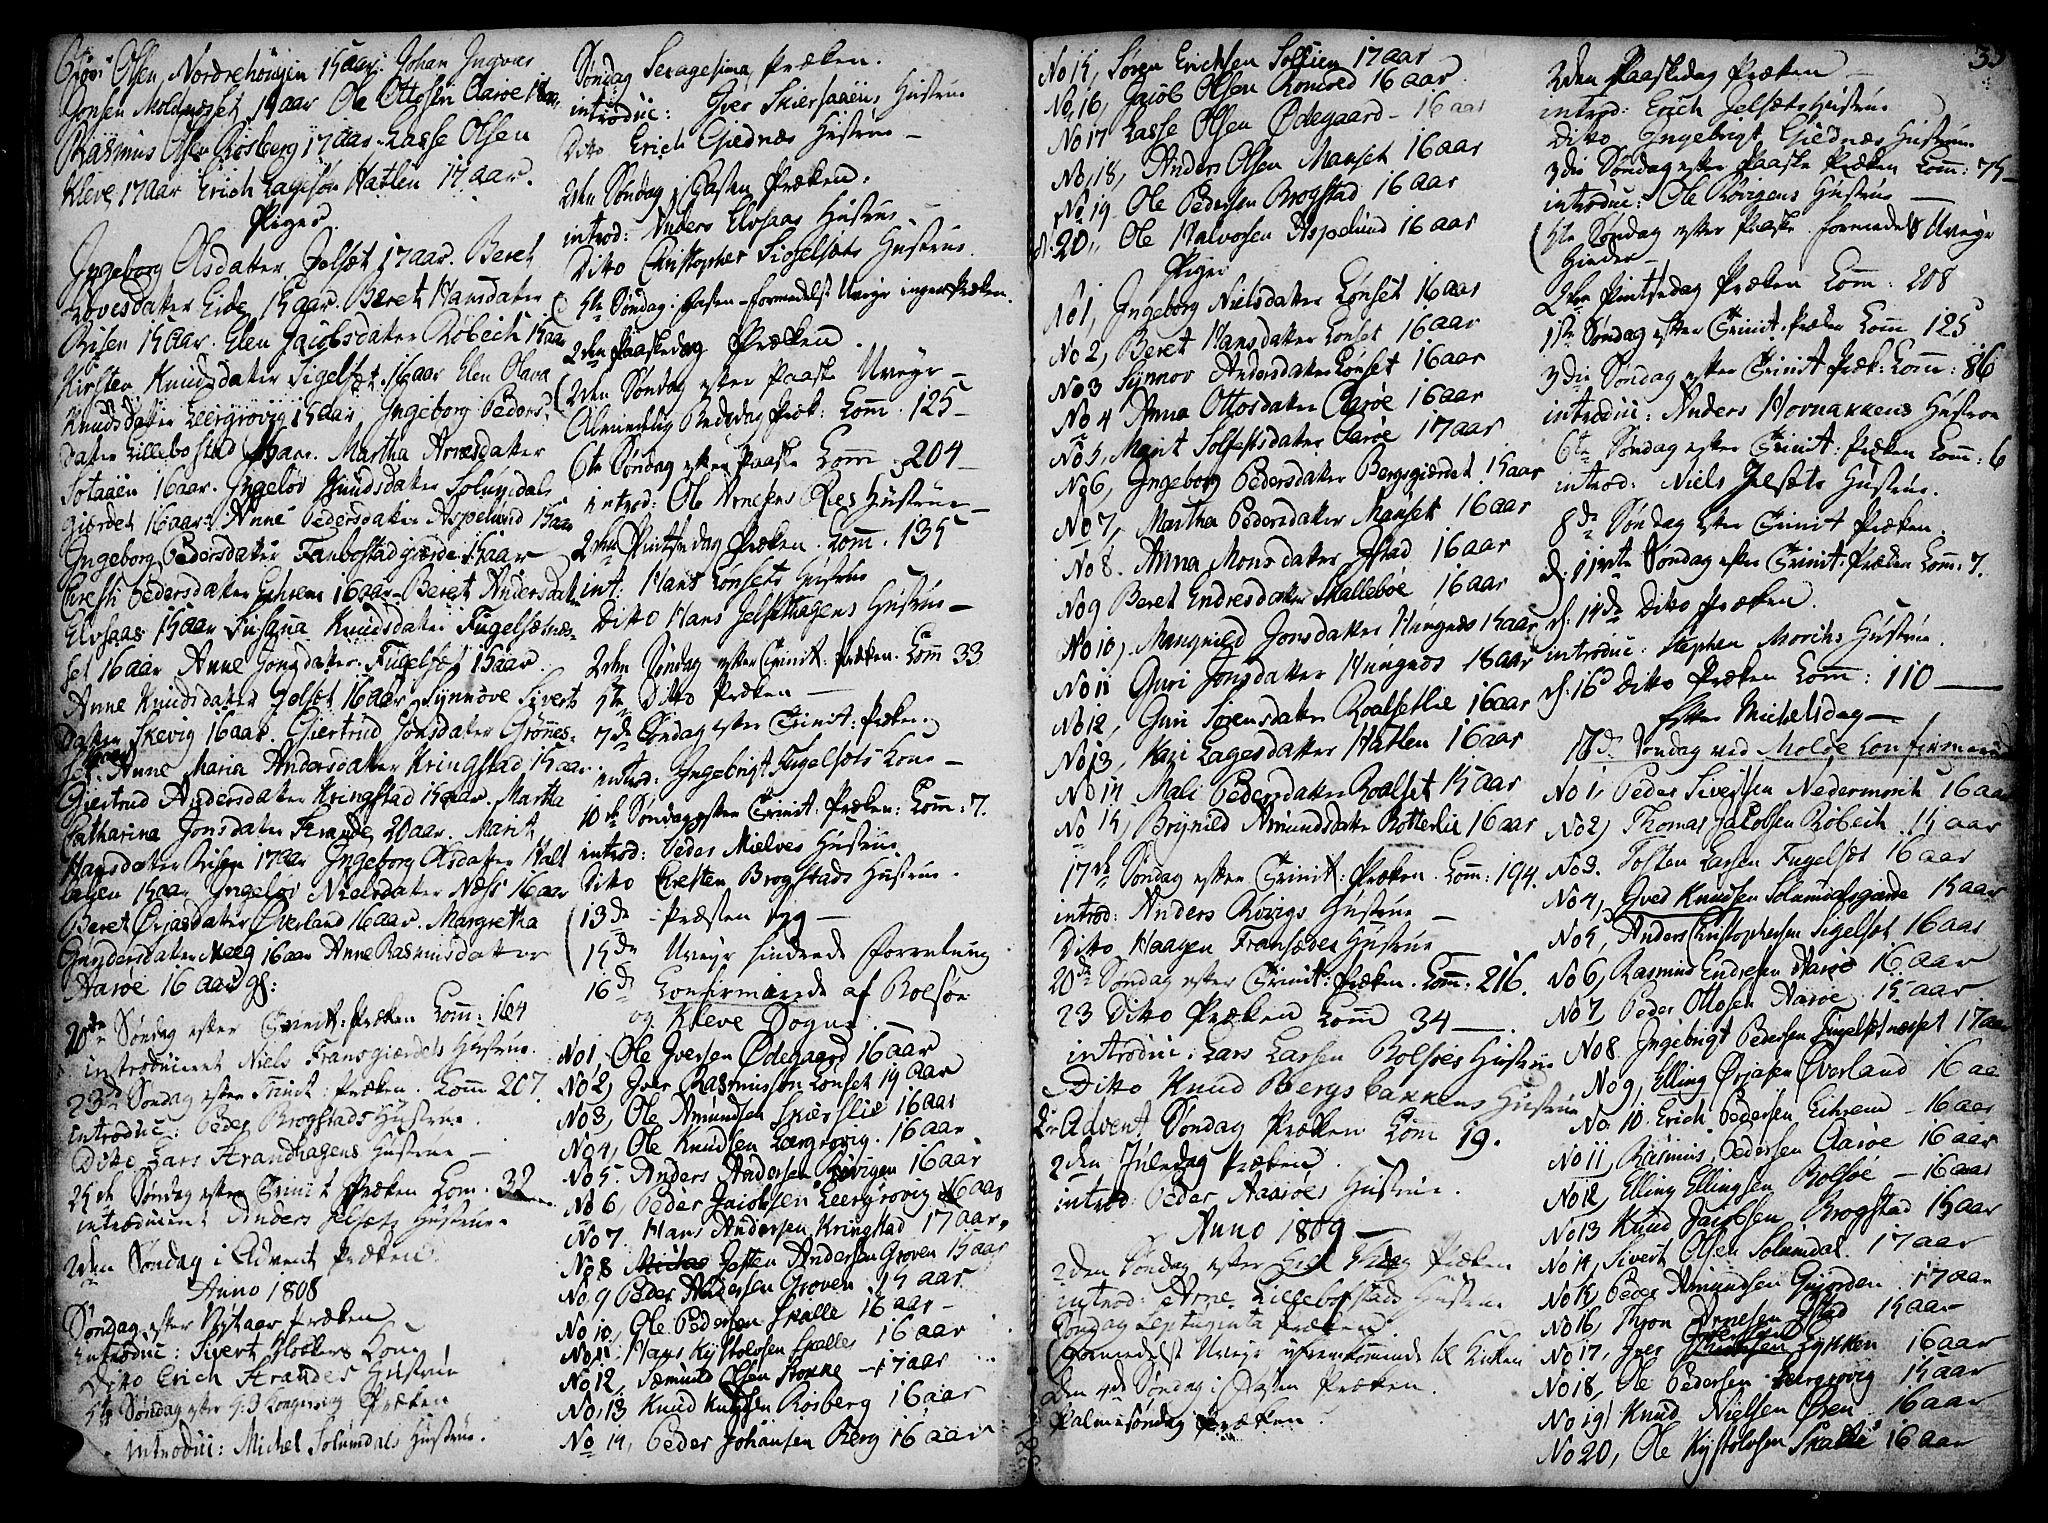 SAT, Ministerialprotokoller, klokkerbøker og fødselsregistre - Møre og Romsdal, 555/L0649: Ministerialbok nr. 555A02 /1, 1795-1821, s. 33